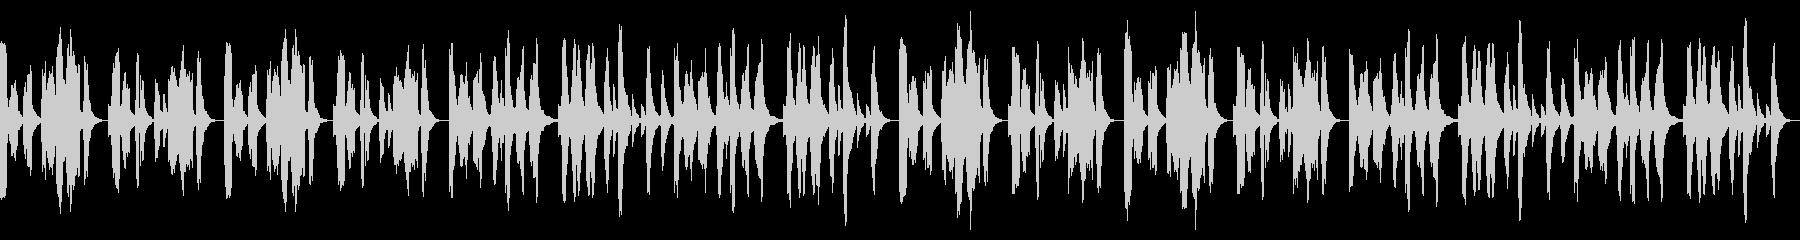 独特なリズムで不気味なメロディーの未再生の波形